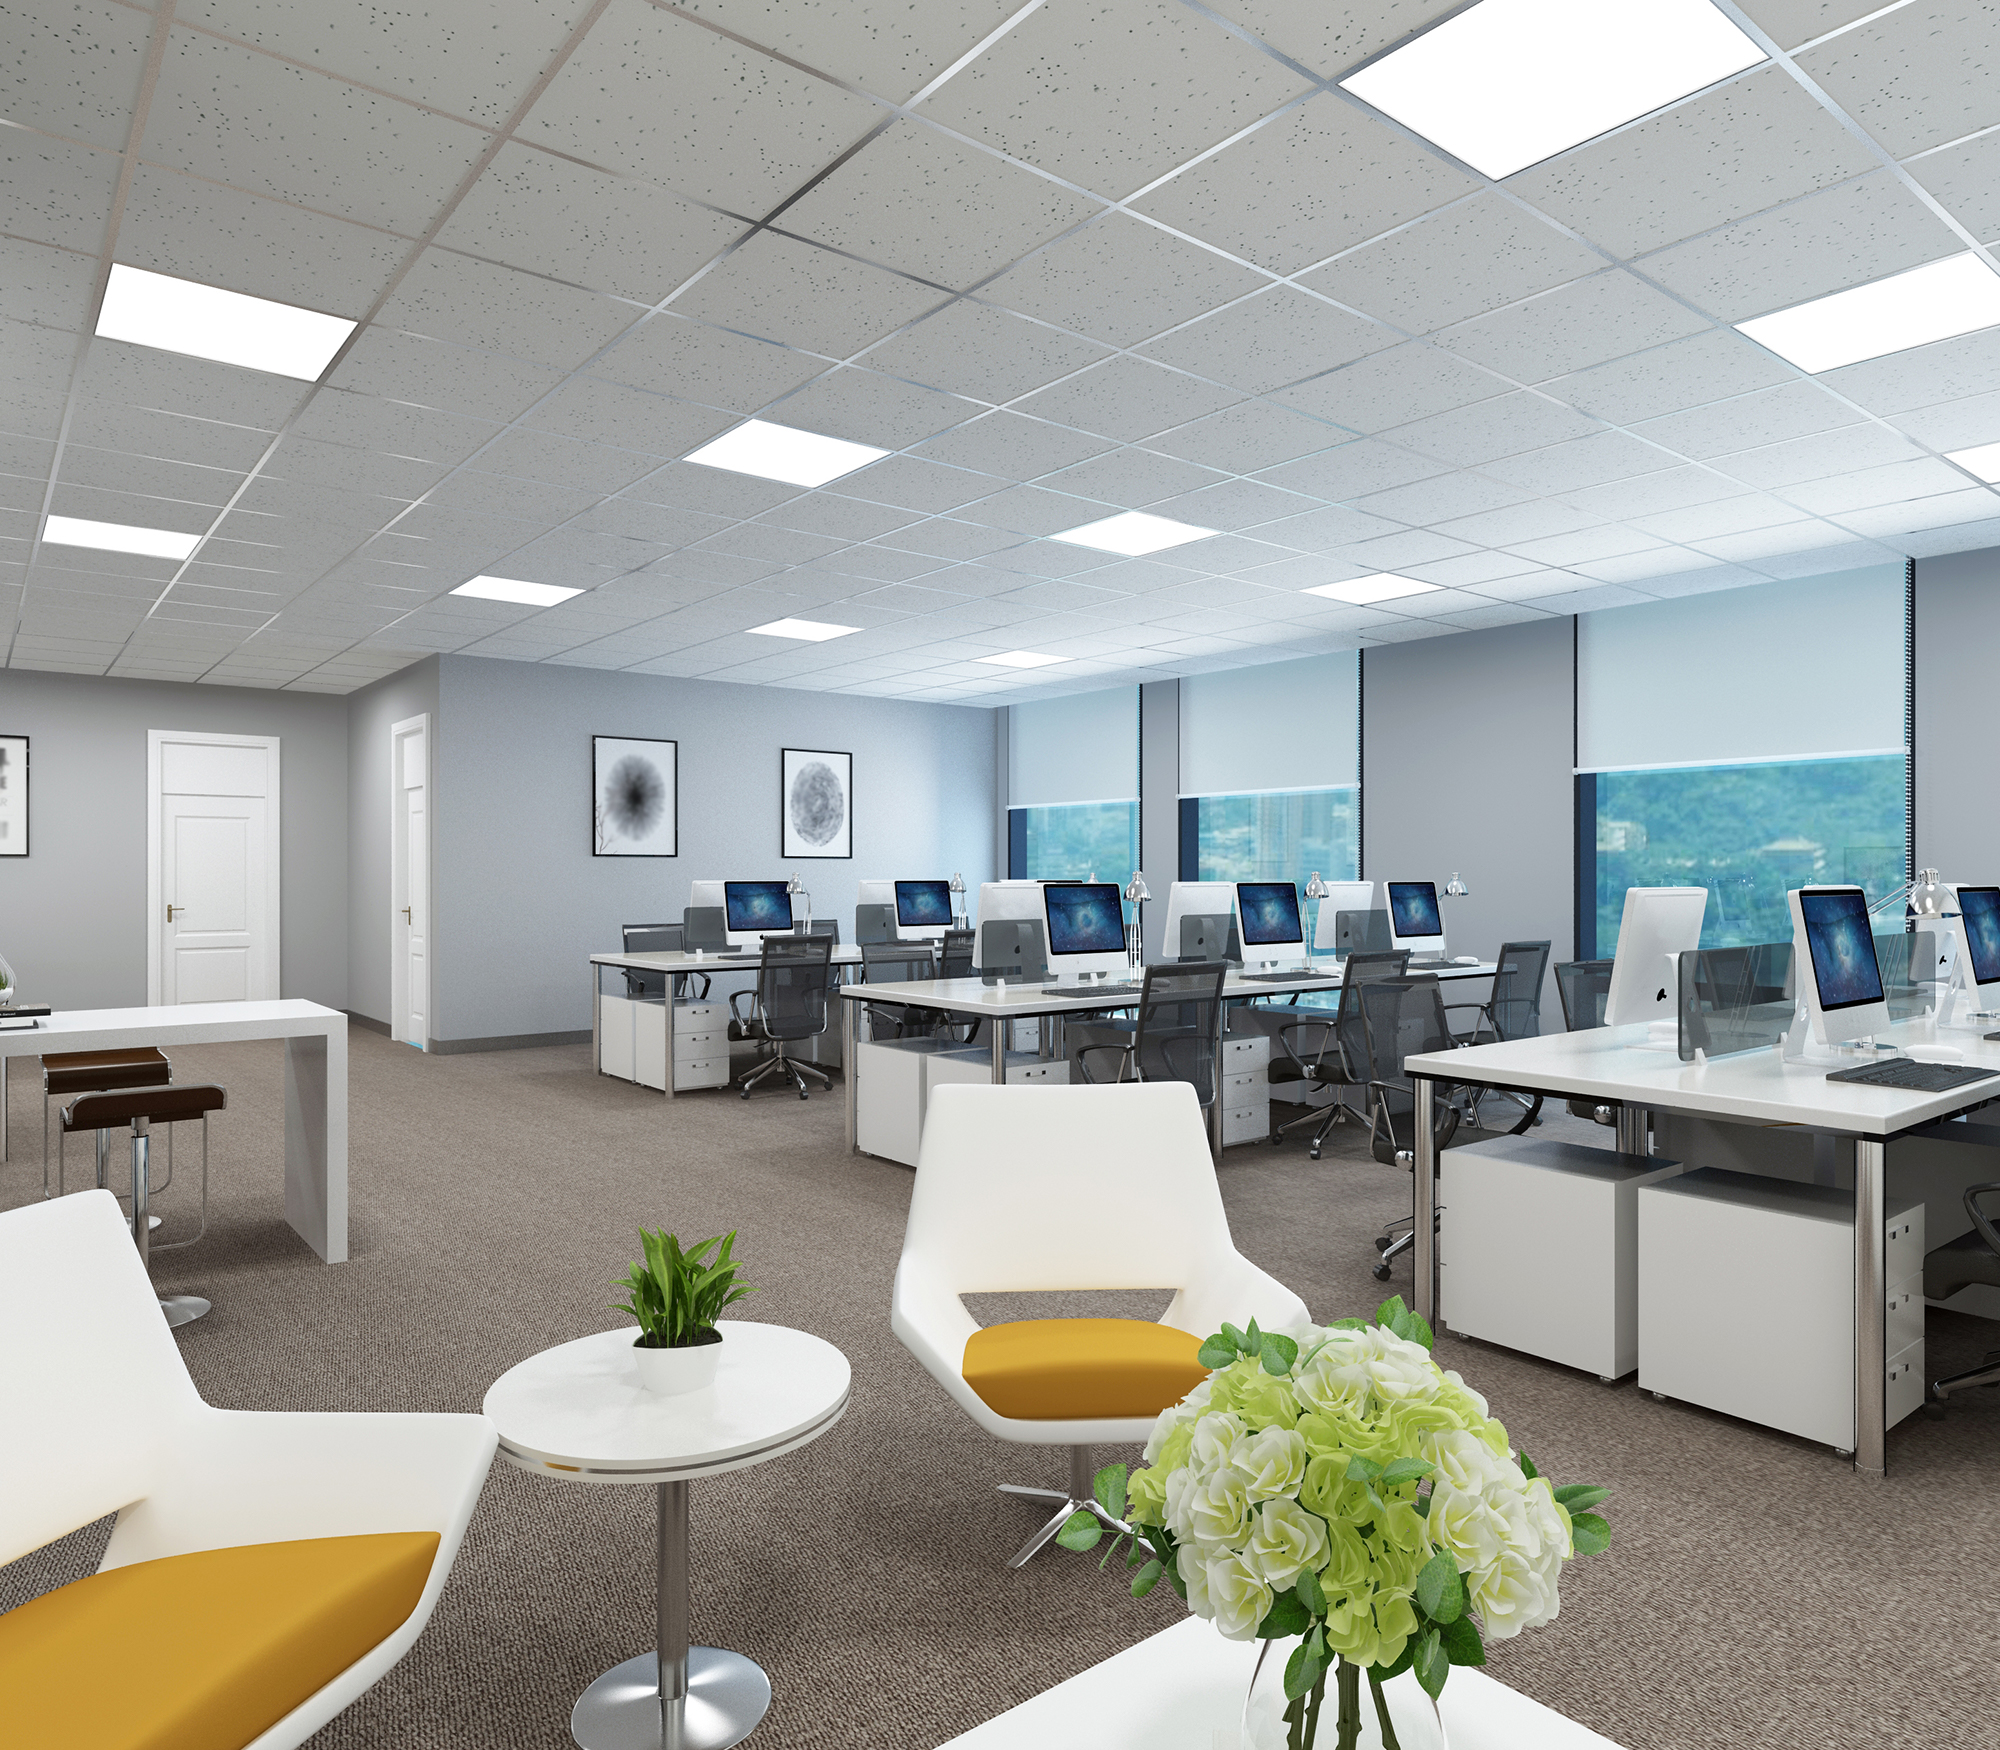 Modern well-lit office interior